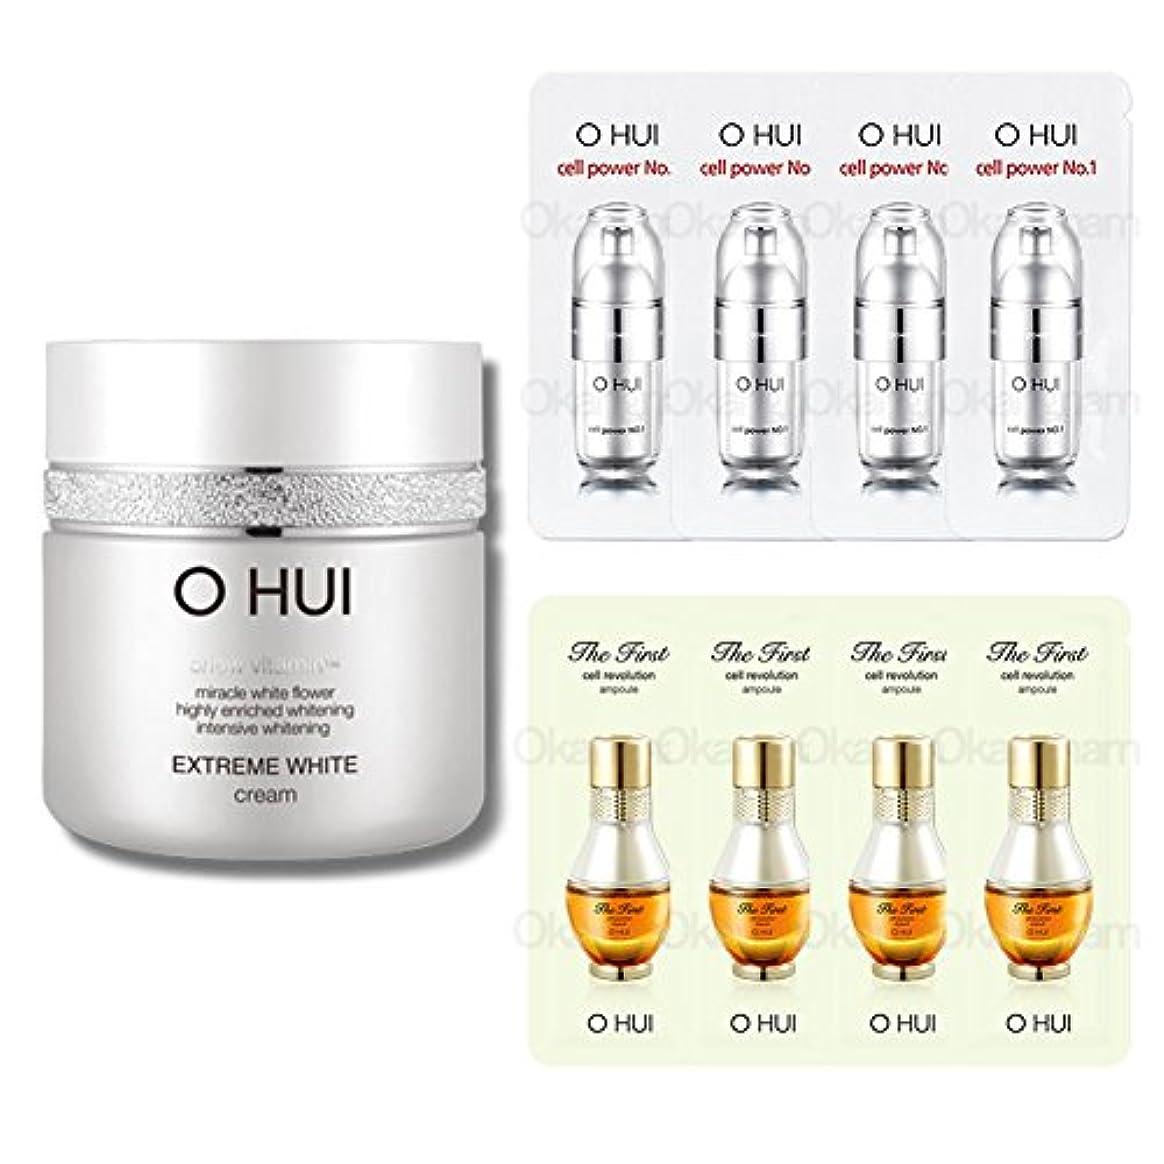 想像力豊かななめらかな劇的[オフィ/ O HUI]韓国化粧品 LG生活健康/ OHUI OEW04 EXTREME WHITE CREAM/オフィ エクストリーム ホワイトクリーム 50ml +[Sample Gift](海外直送品)